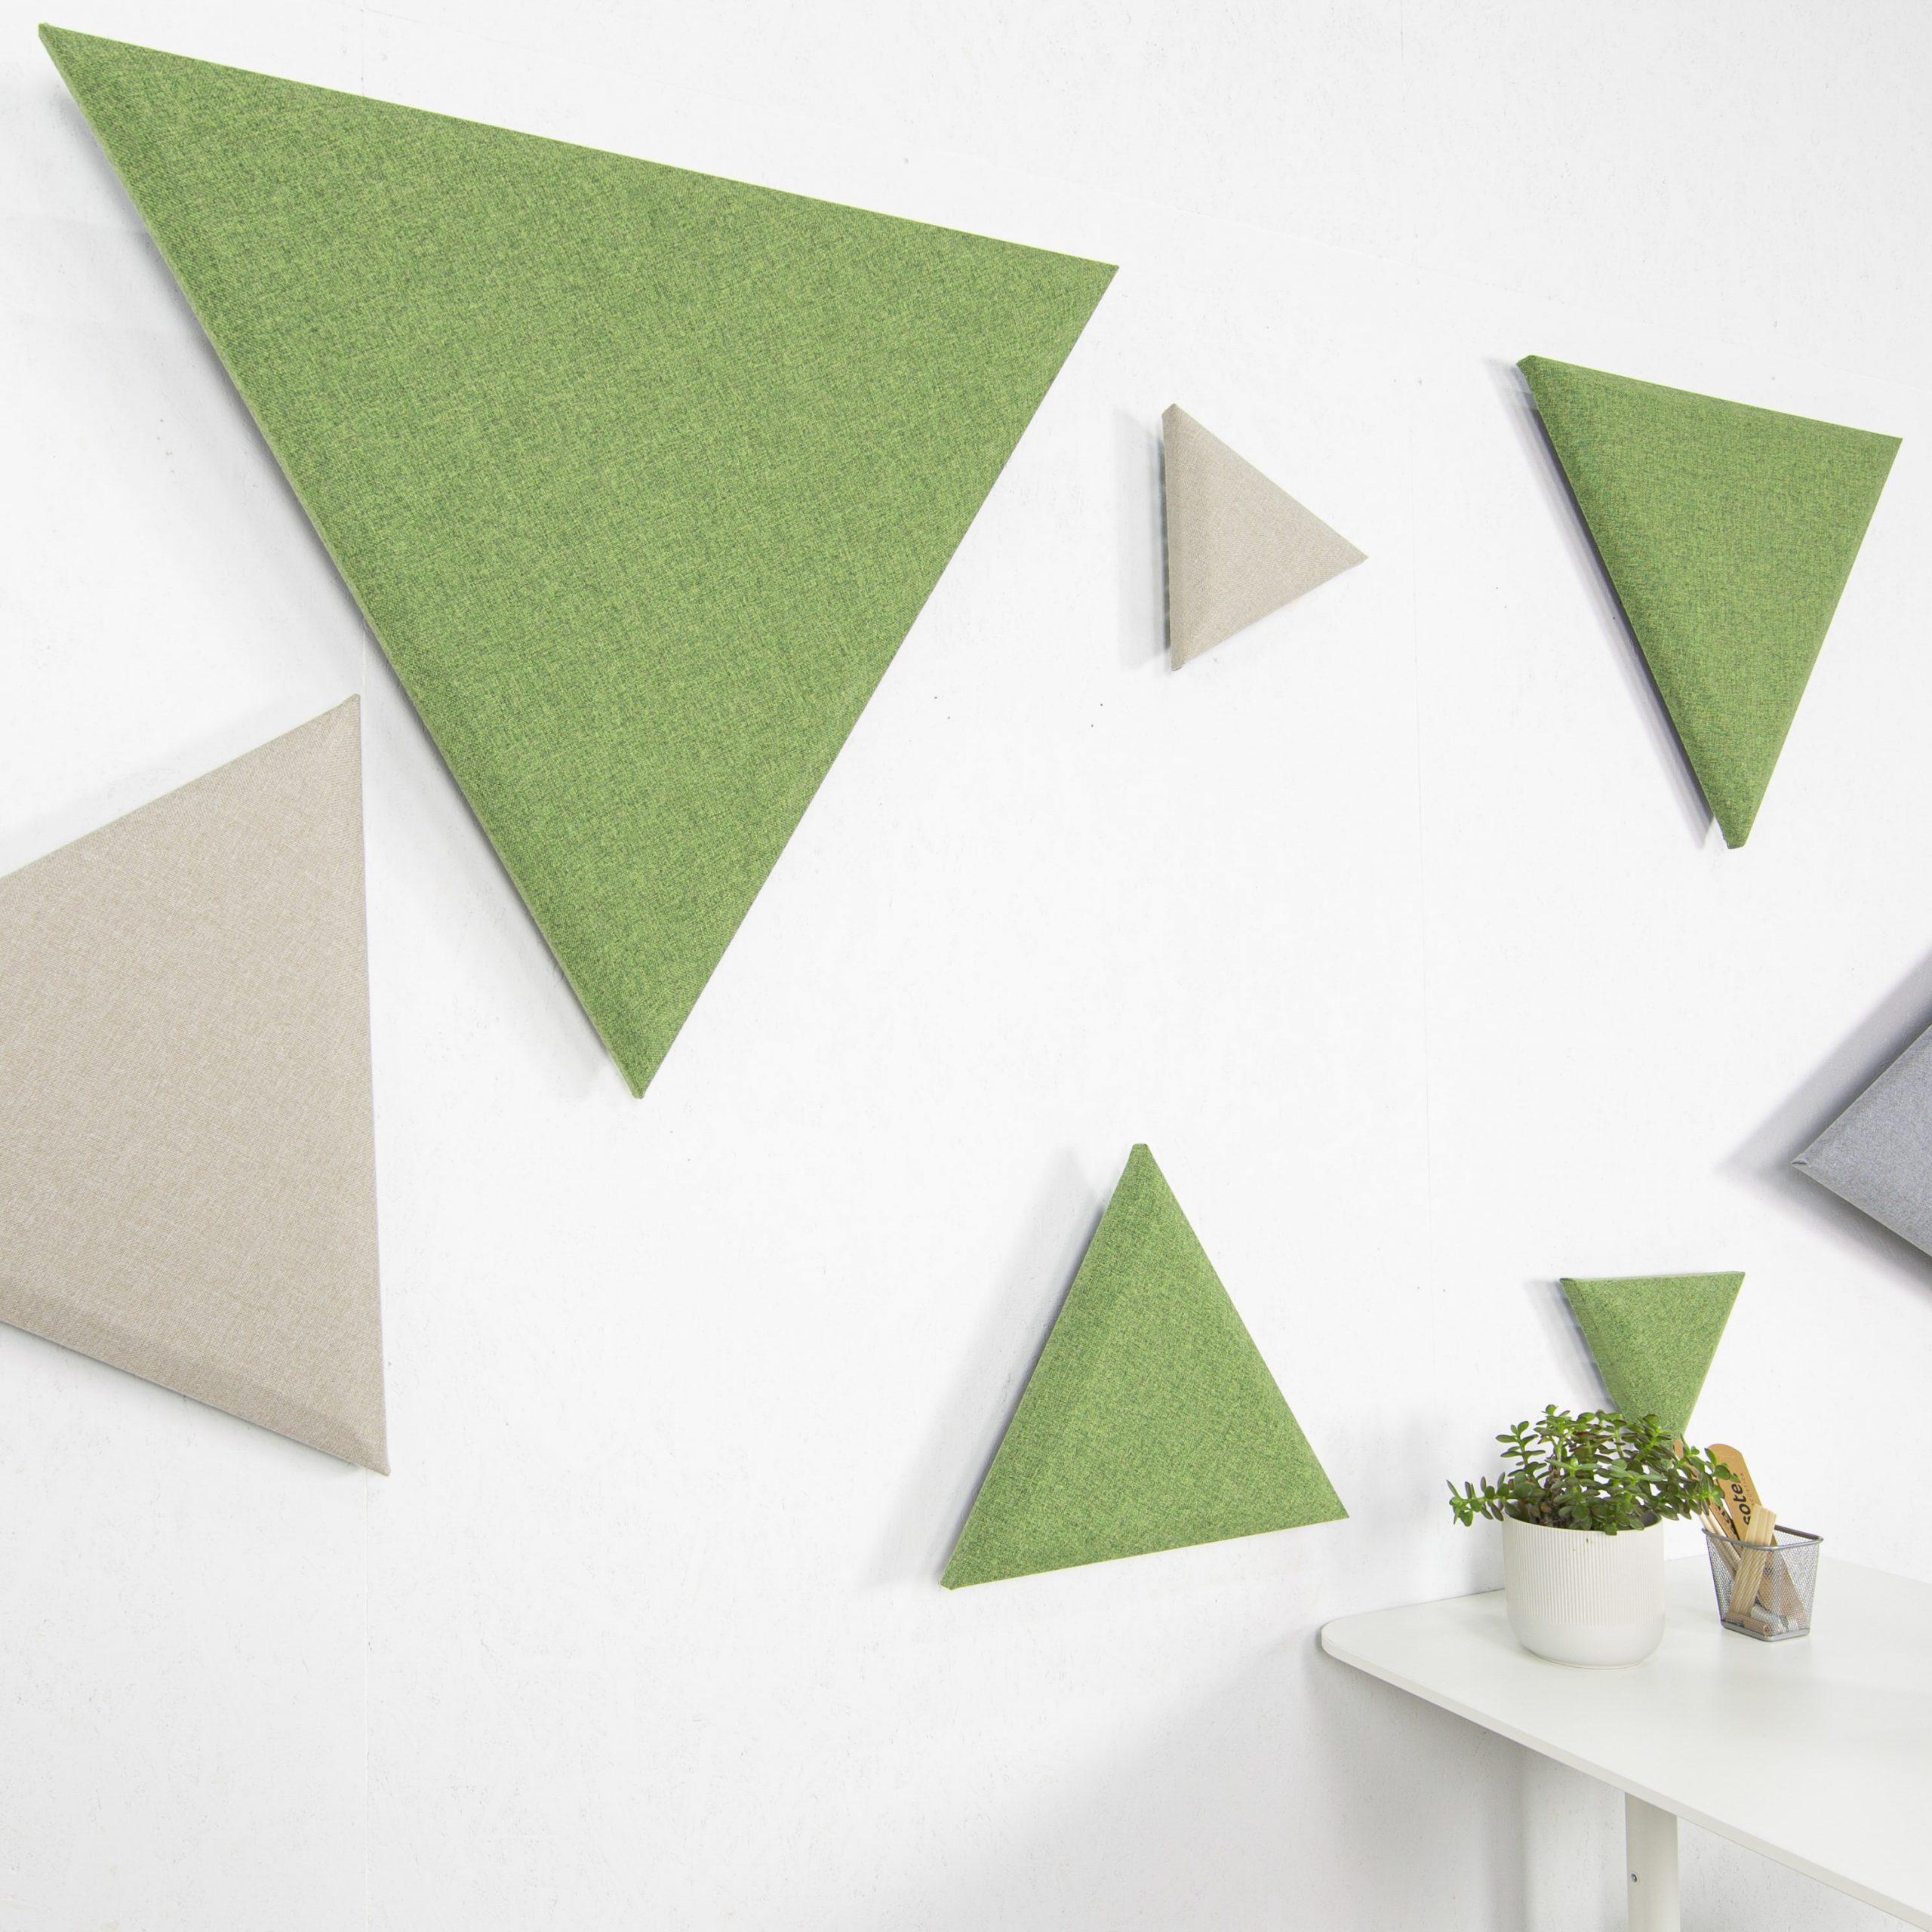 Mosaico de paneles triangulares